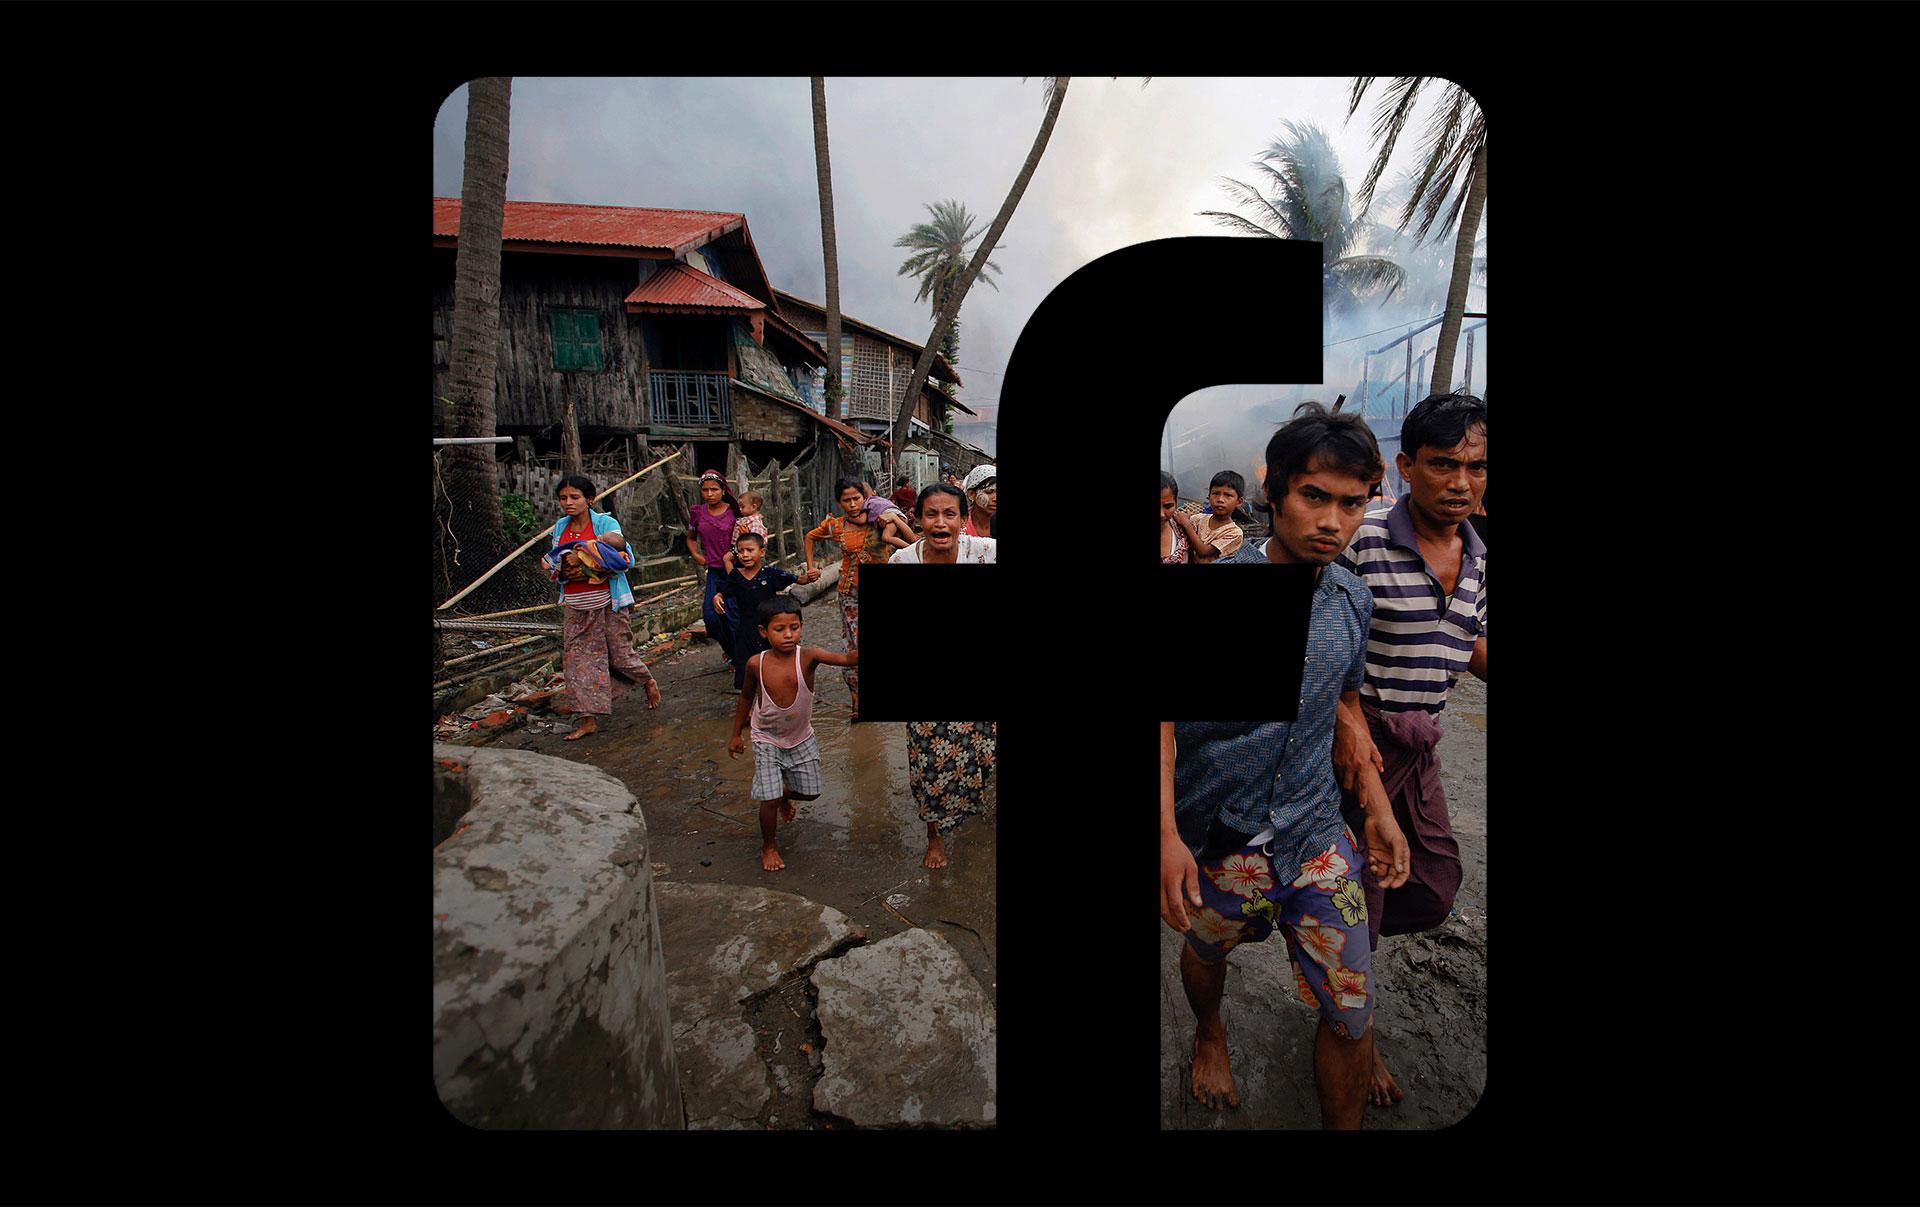 Картинки по запросу Facebook anti-Islam algorithm rohingya